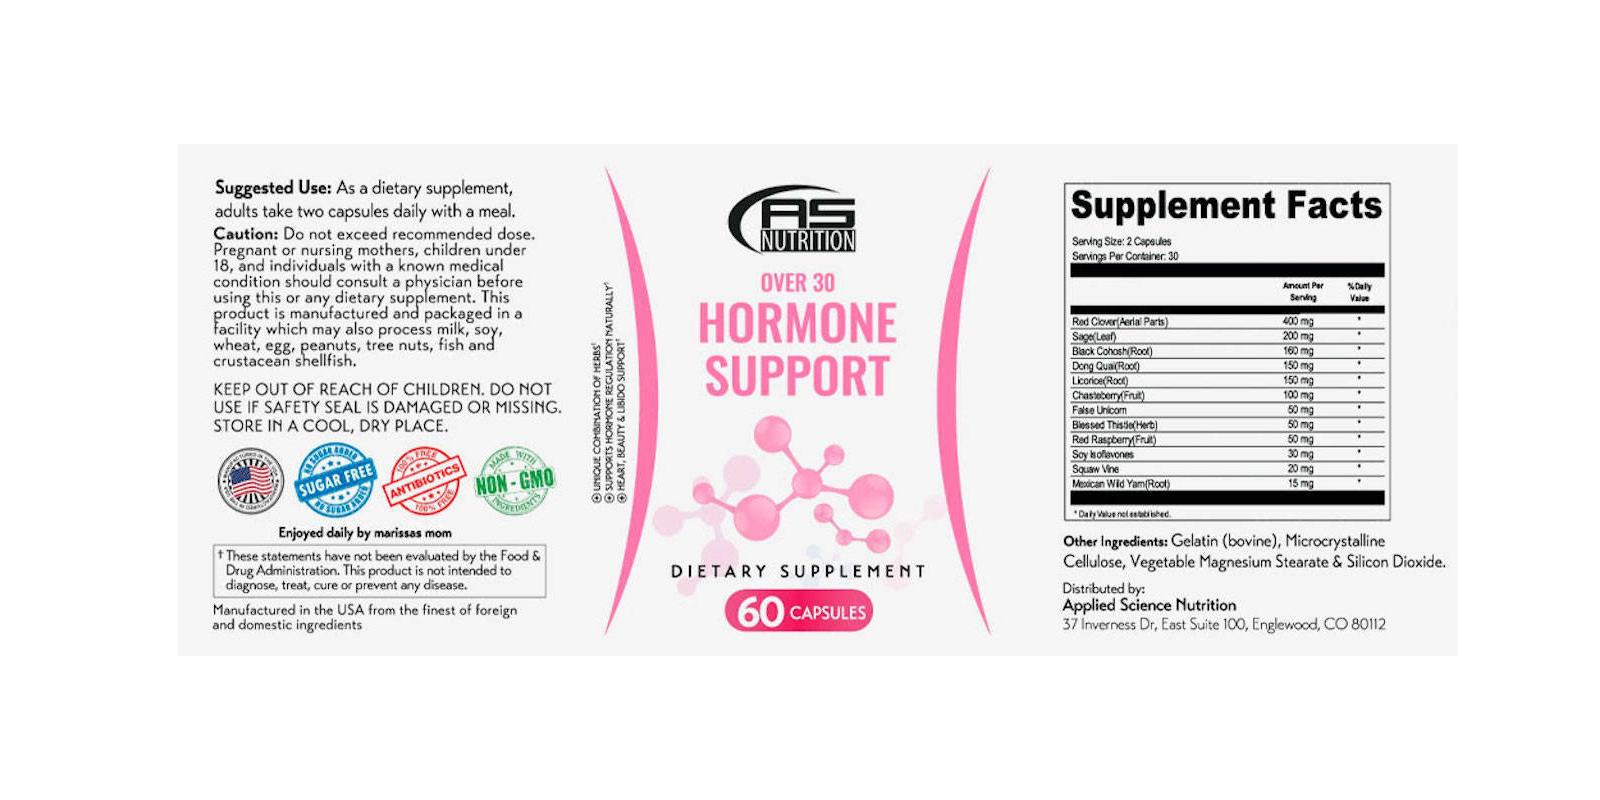 Over 30 Hormone Support Ingredients